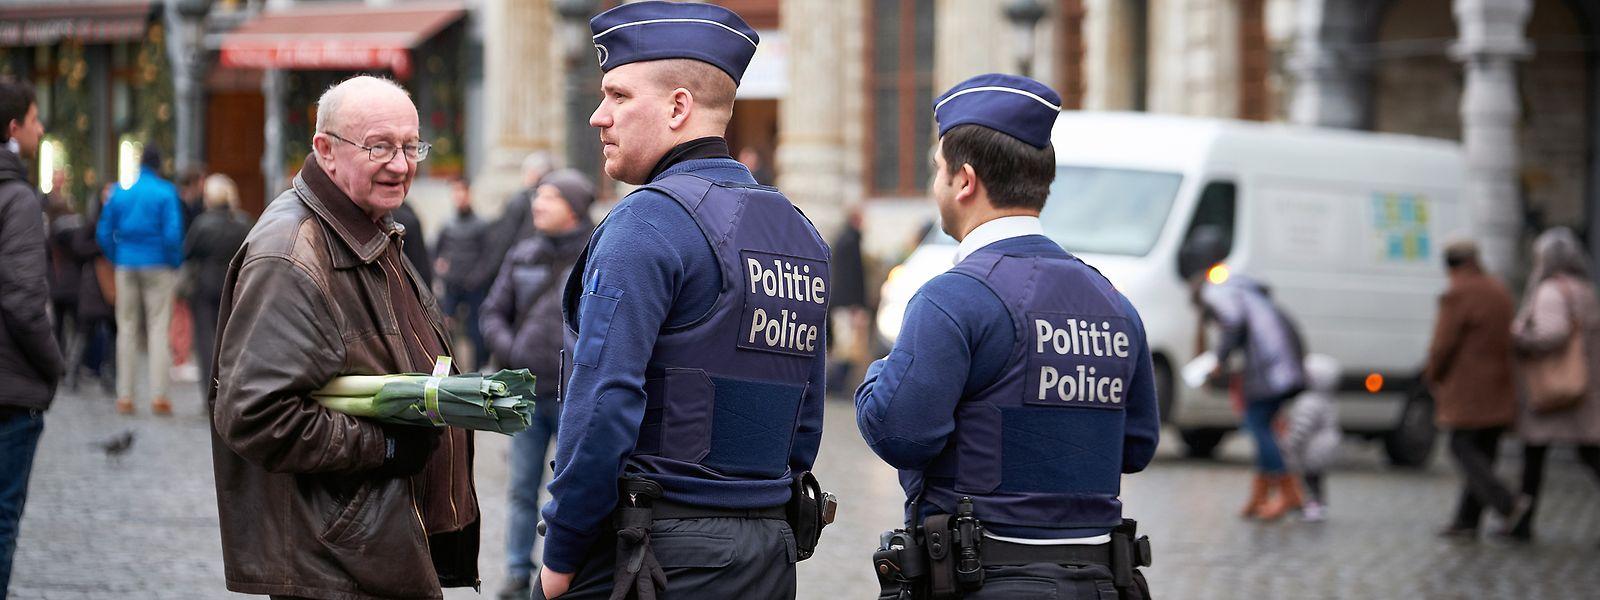 Pour une vingtaine de policiers belges de la zone Arlon-Attert-Habay-Martelange, les cours de luxembourgeois débuteront cette année